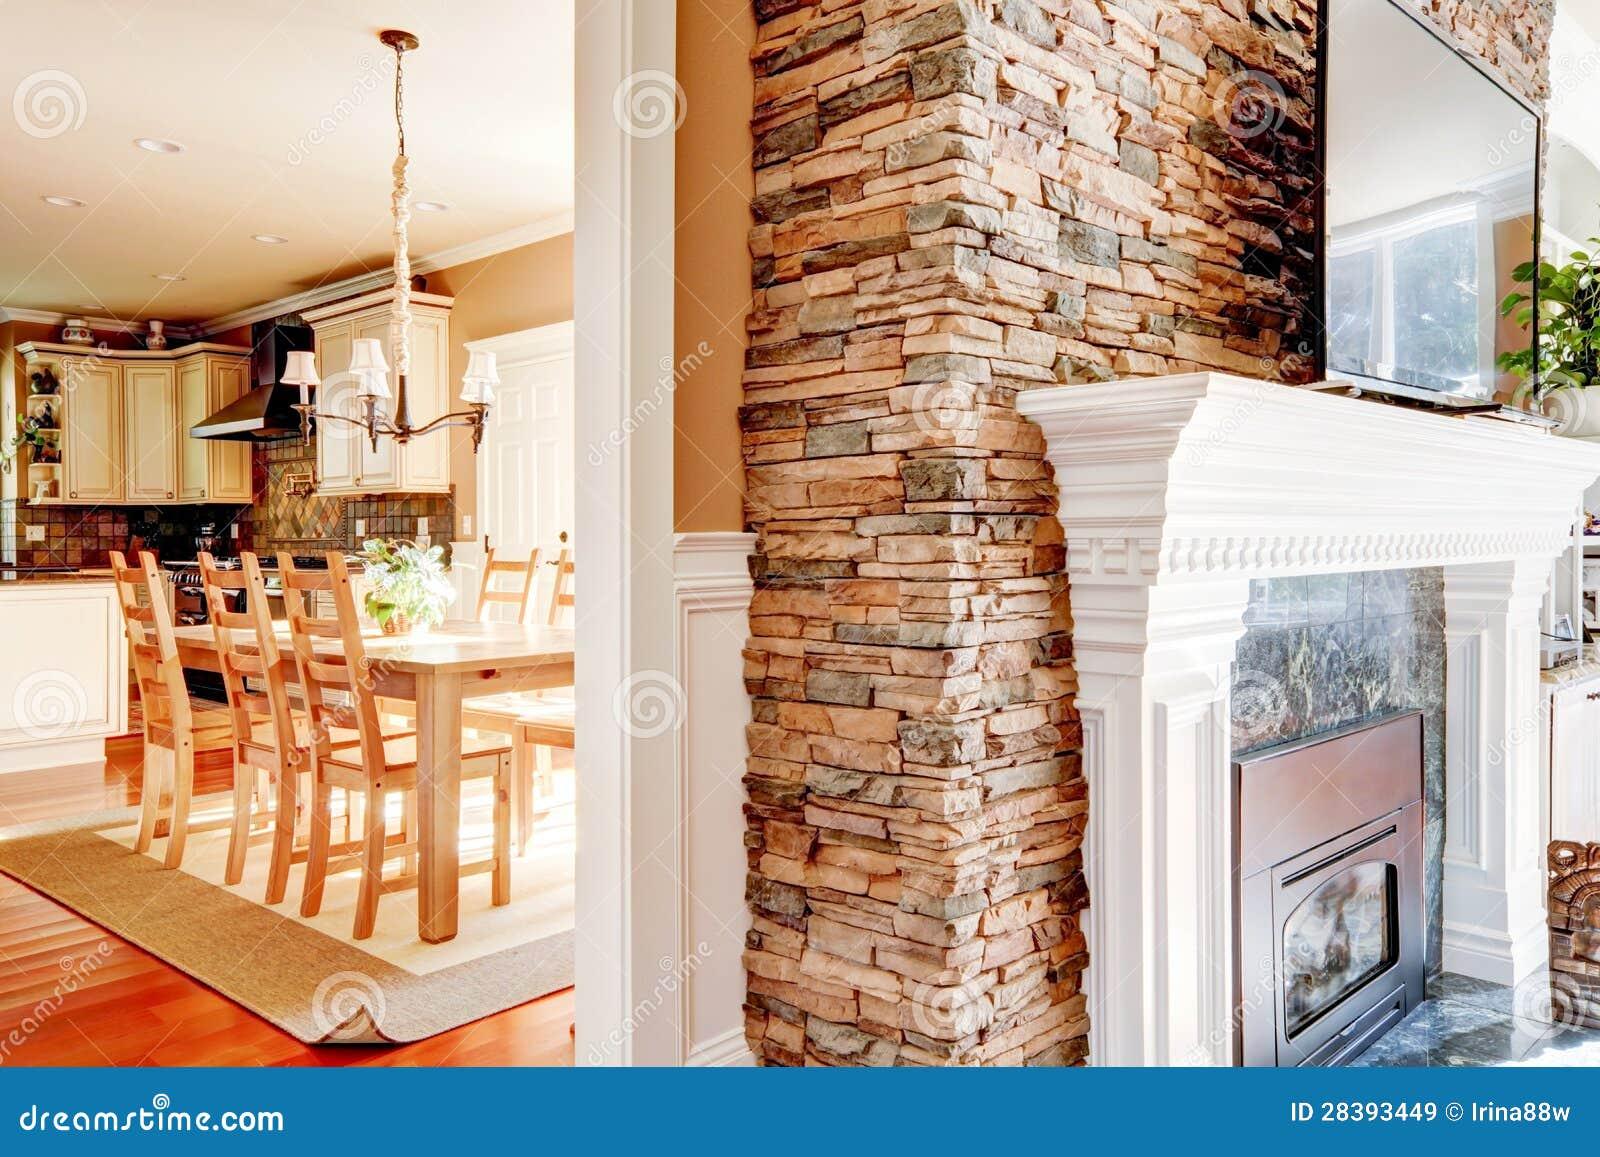 Camino Di Pietra Con La Tv E Sala Da Pranzo E Cucina Immagine Stock Immagine 28393449